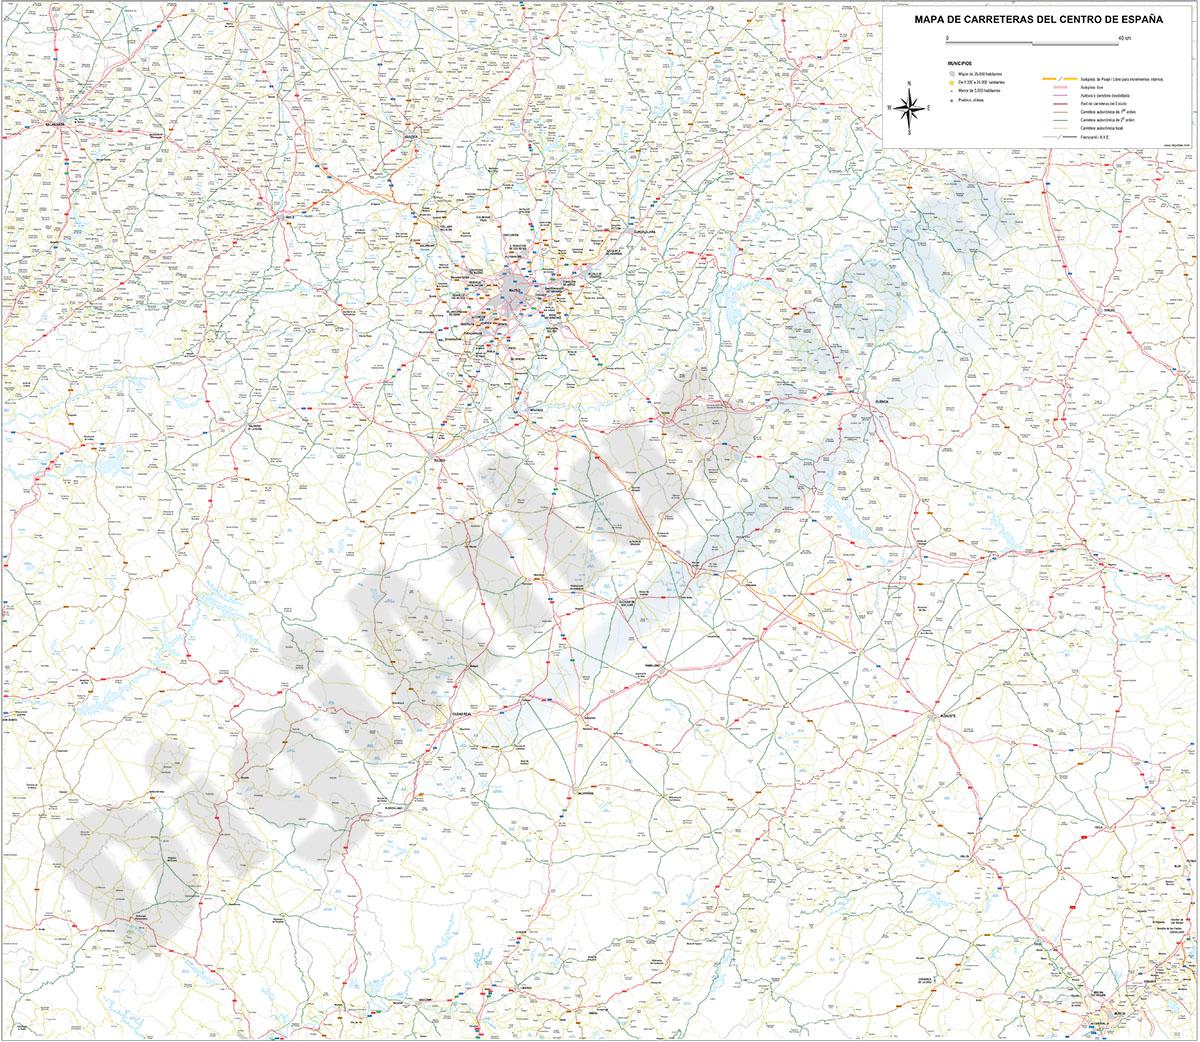 Mapa de carreteras y poblaciones del Centro de España